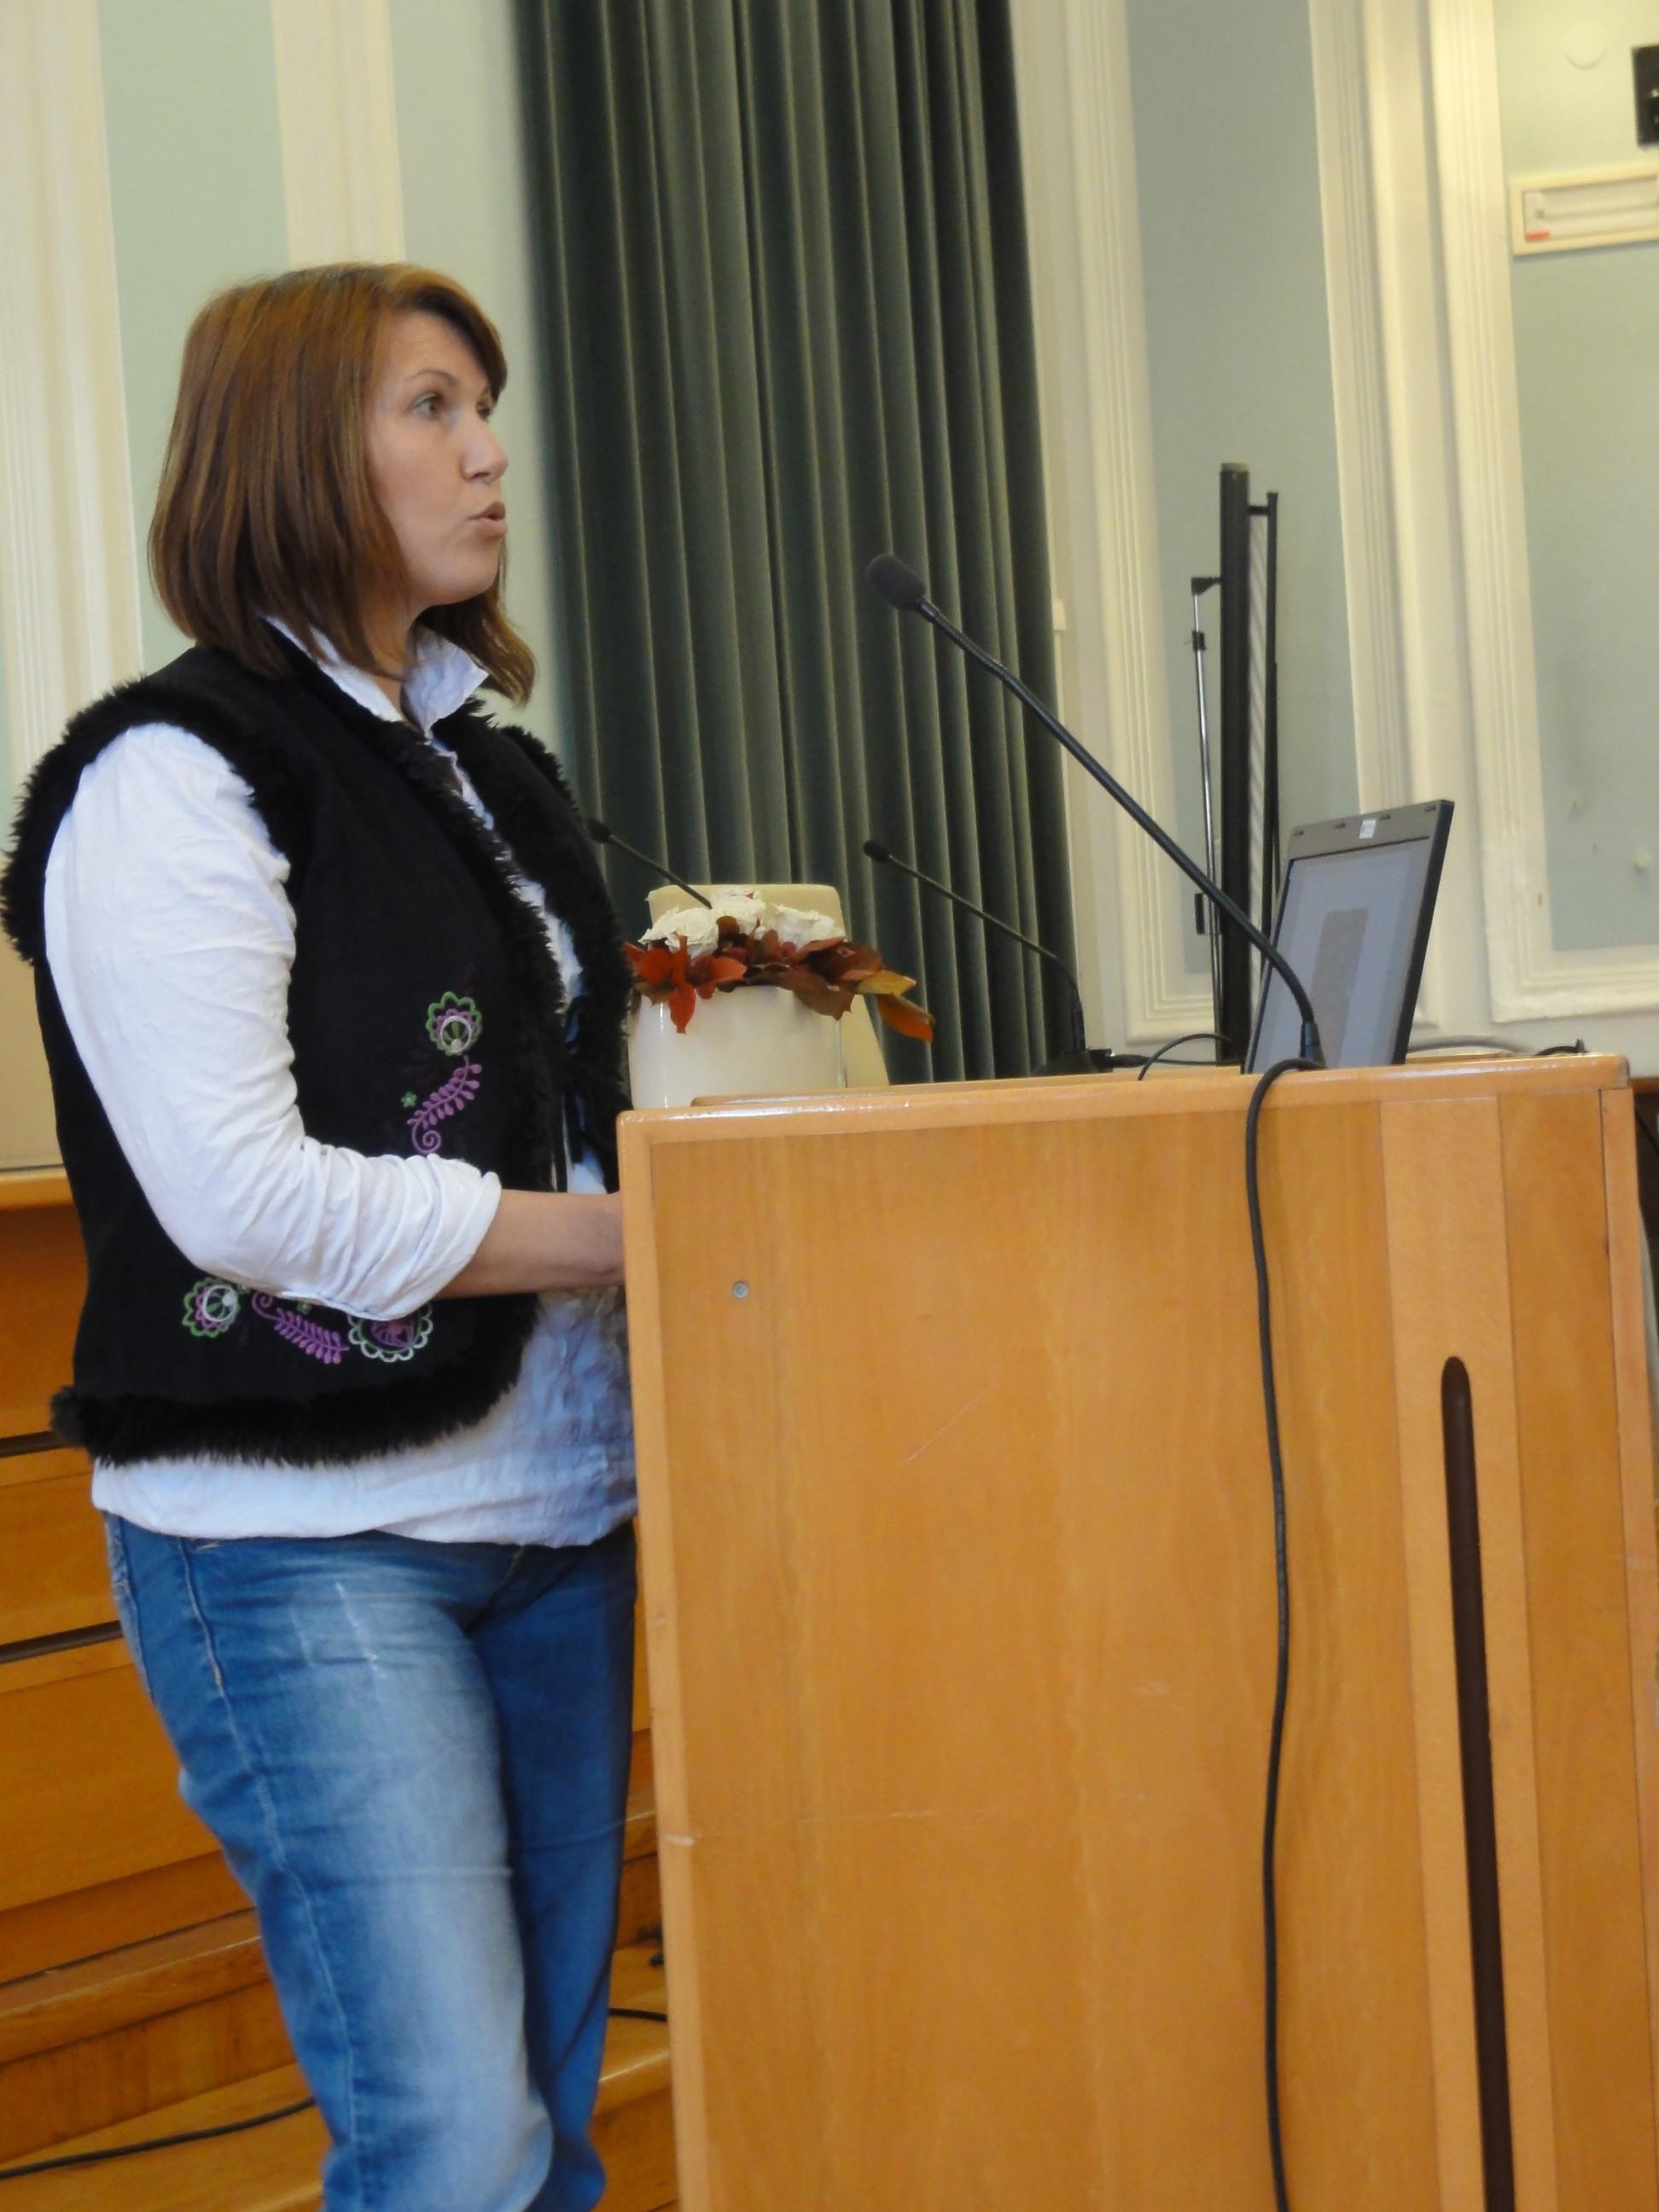 Tamara Paravan